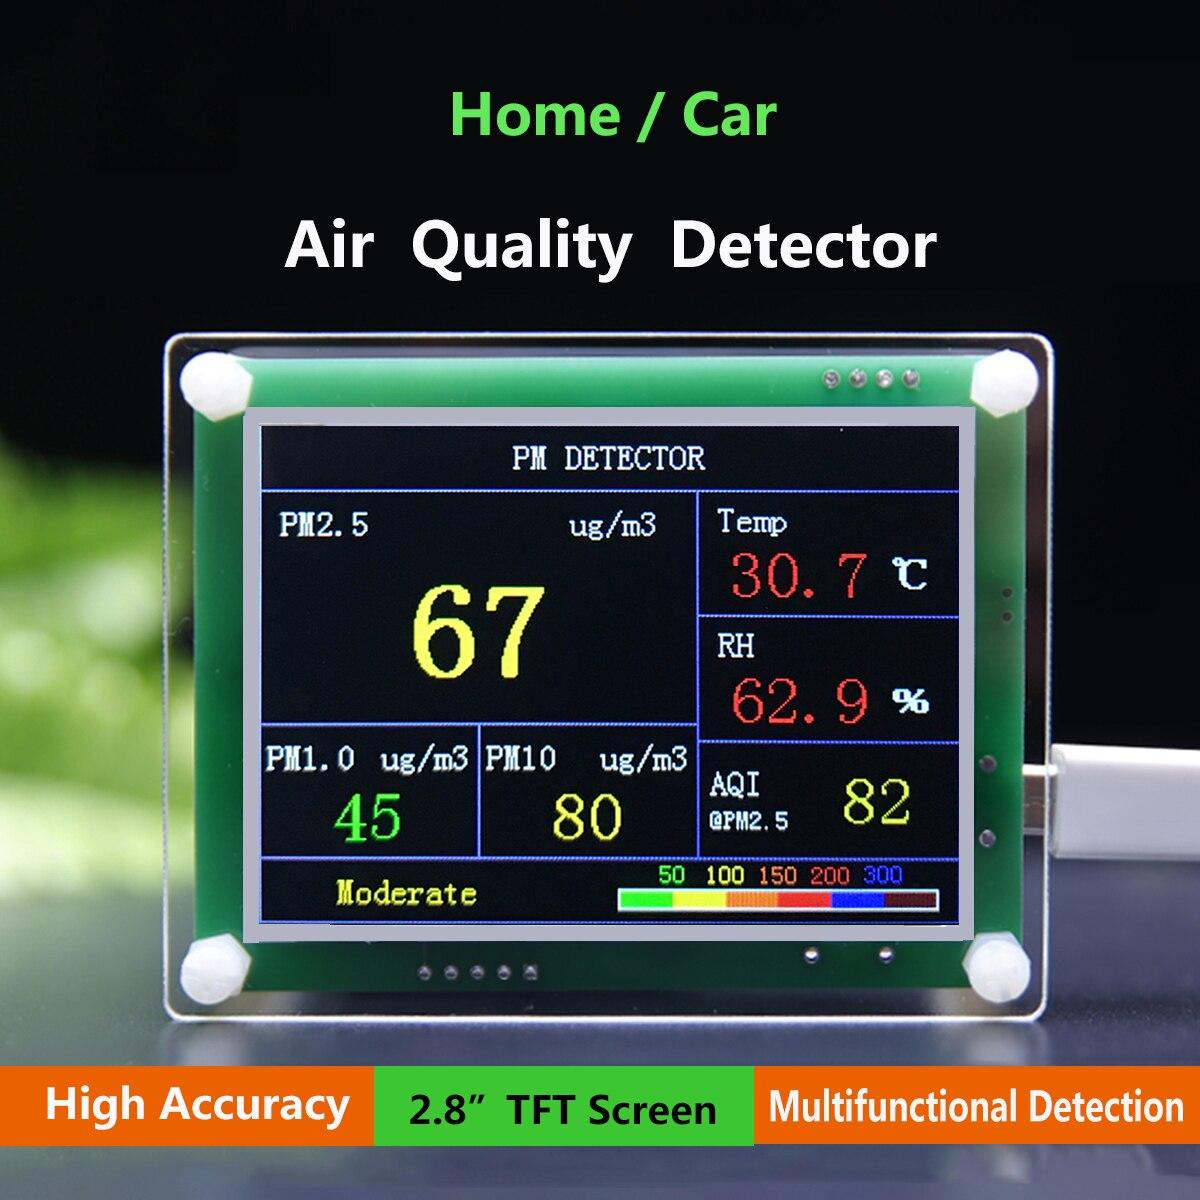 ZEAST PM2.5 Air Quality детектор 2,8 дюйма TFT угол лазерный рассеяние ARM 32 бит чипы обнаружение High чувствительность Сенсор